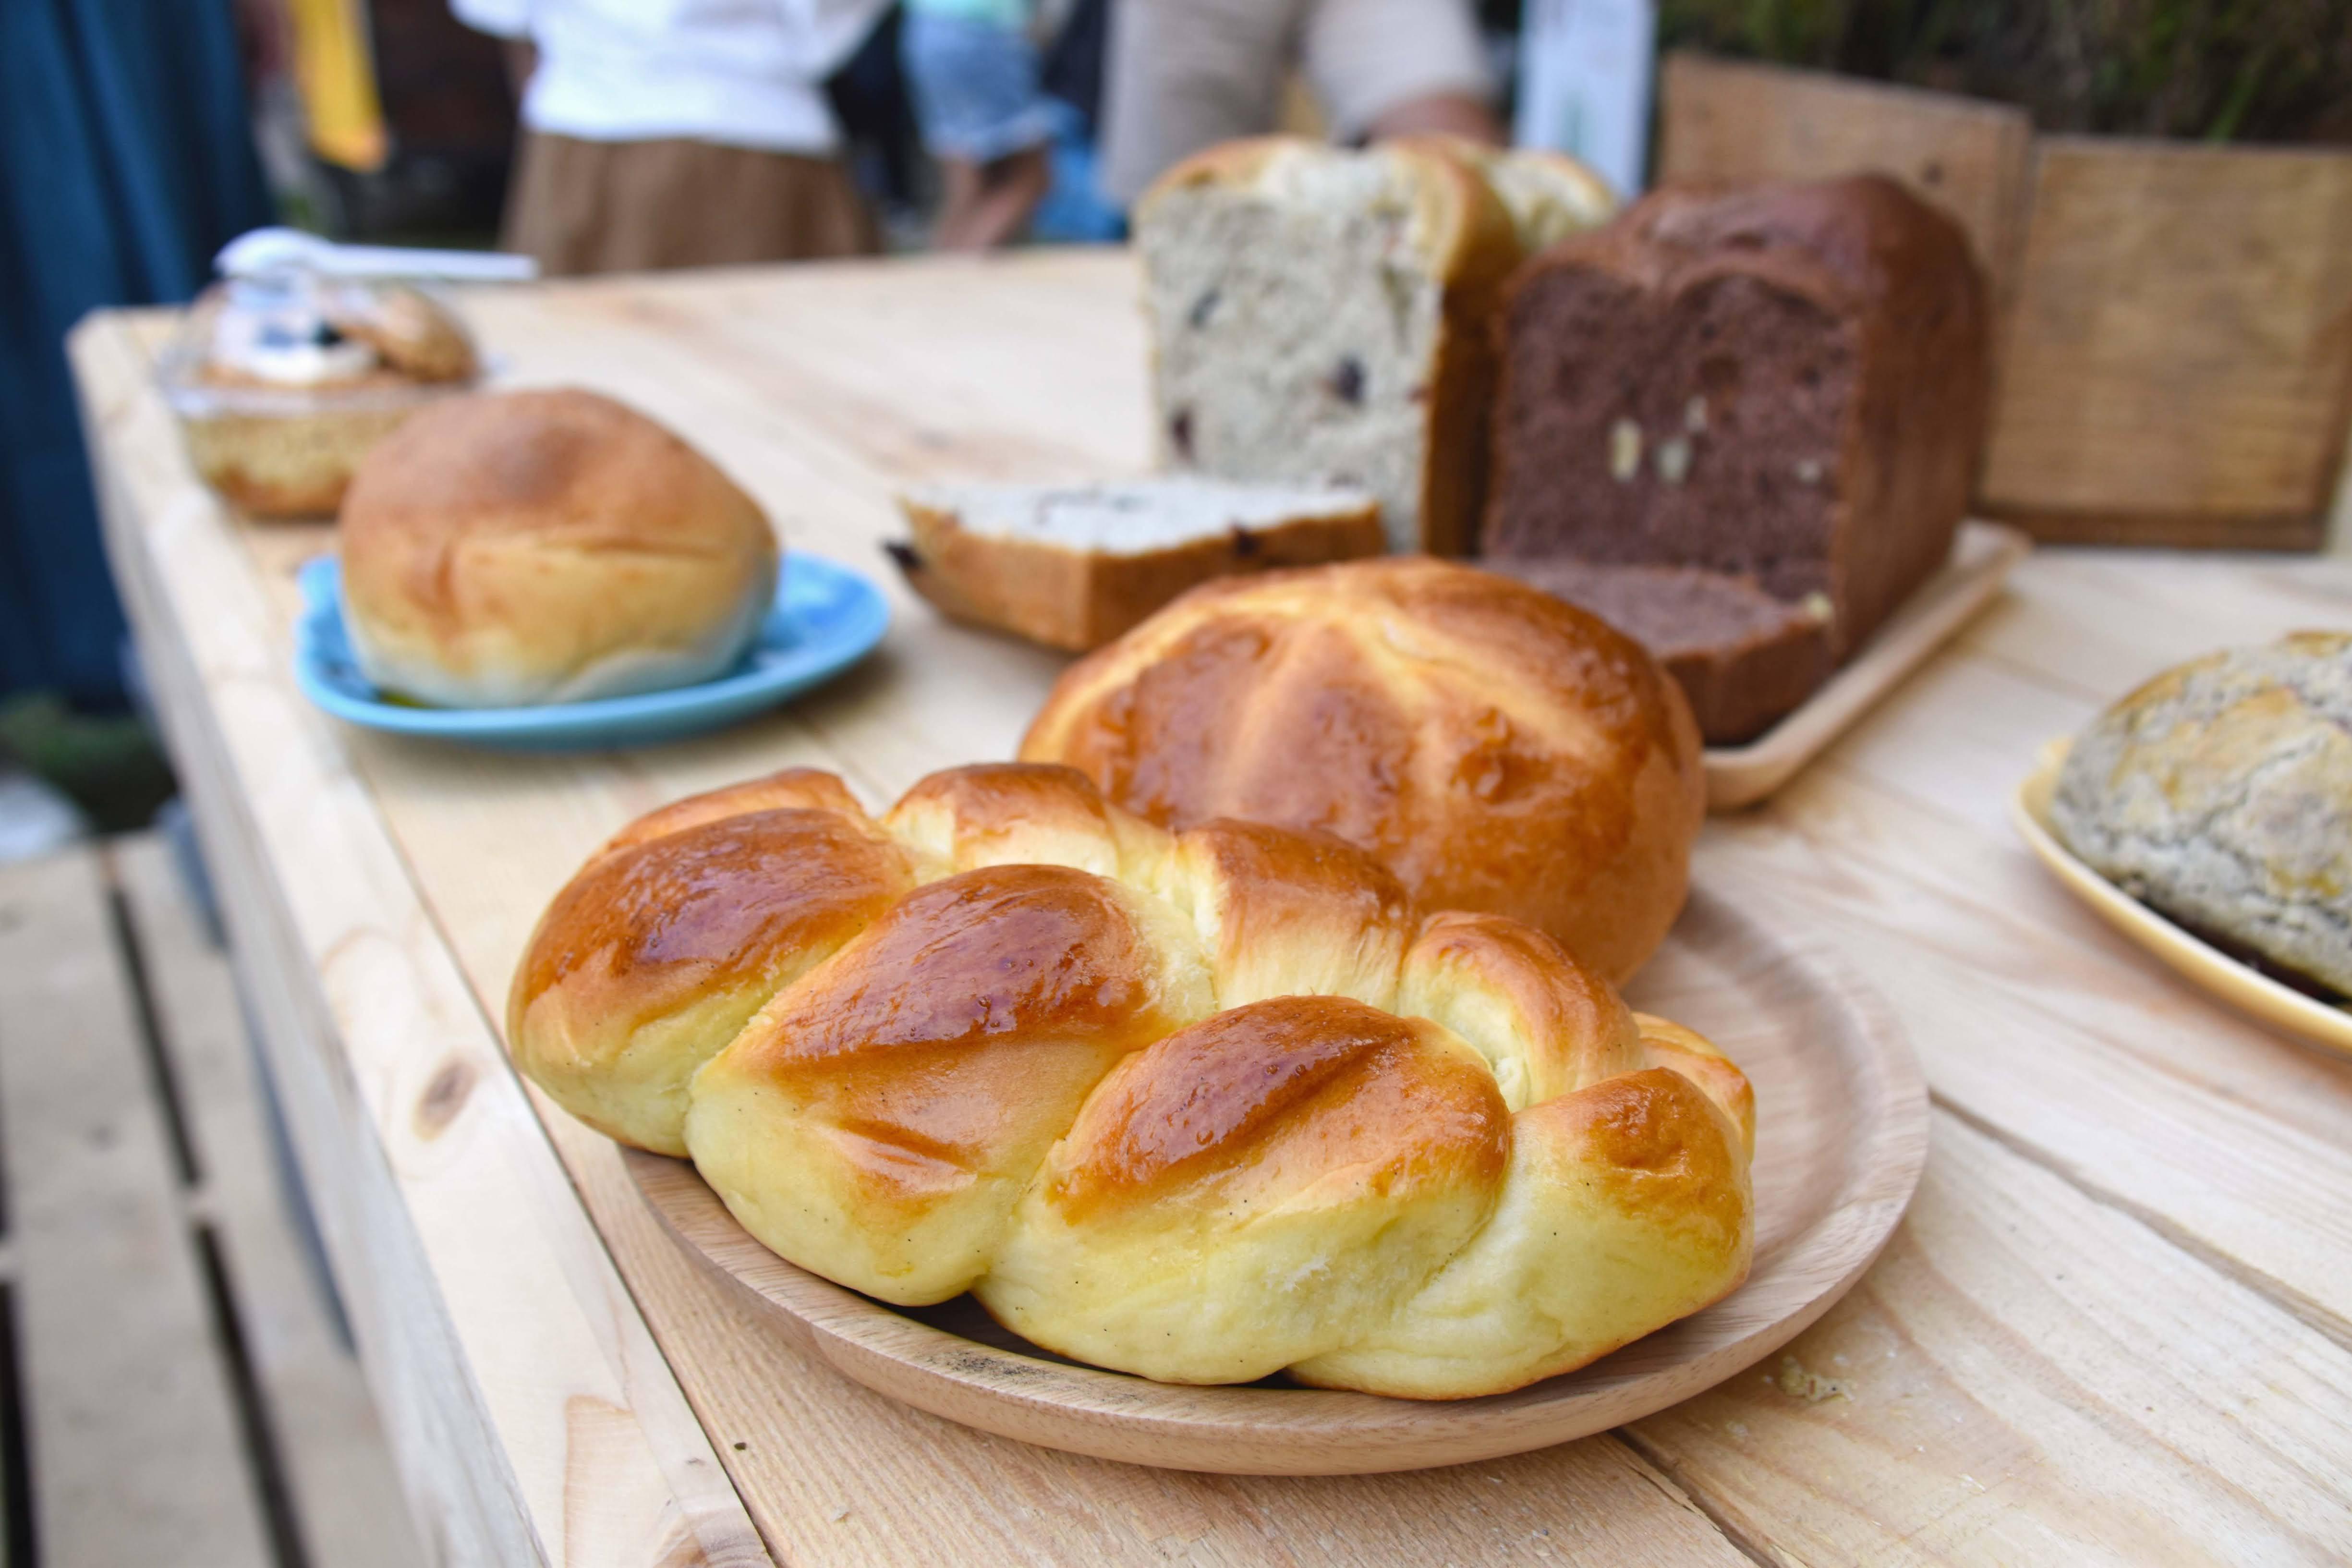 《台南|中西》五吉堂麵包店,隱藏在台南小巷弄中的週末限定麵包店?!限時限量,營業時間一個半小時!🍃